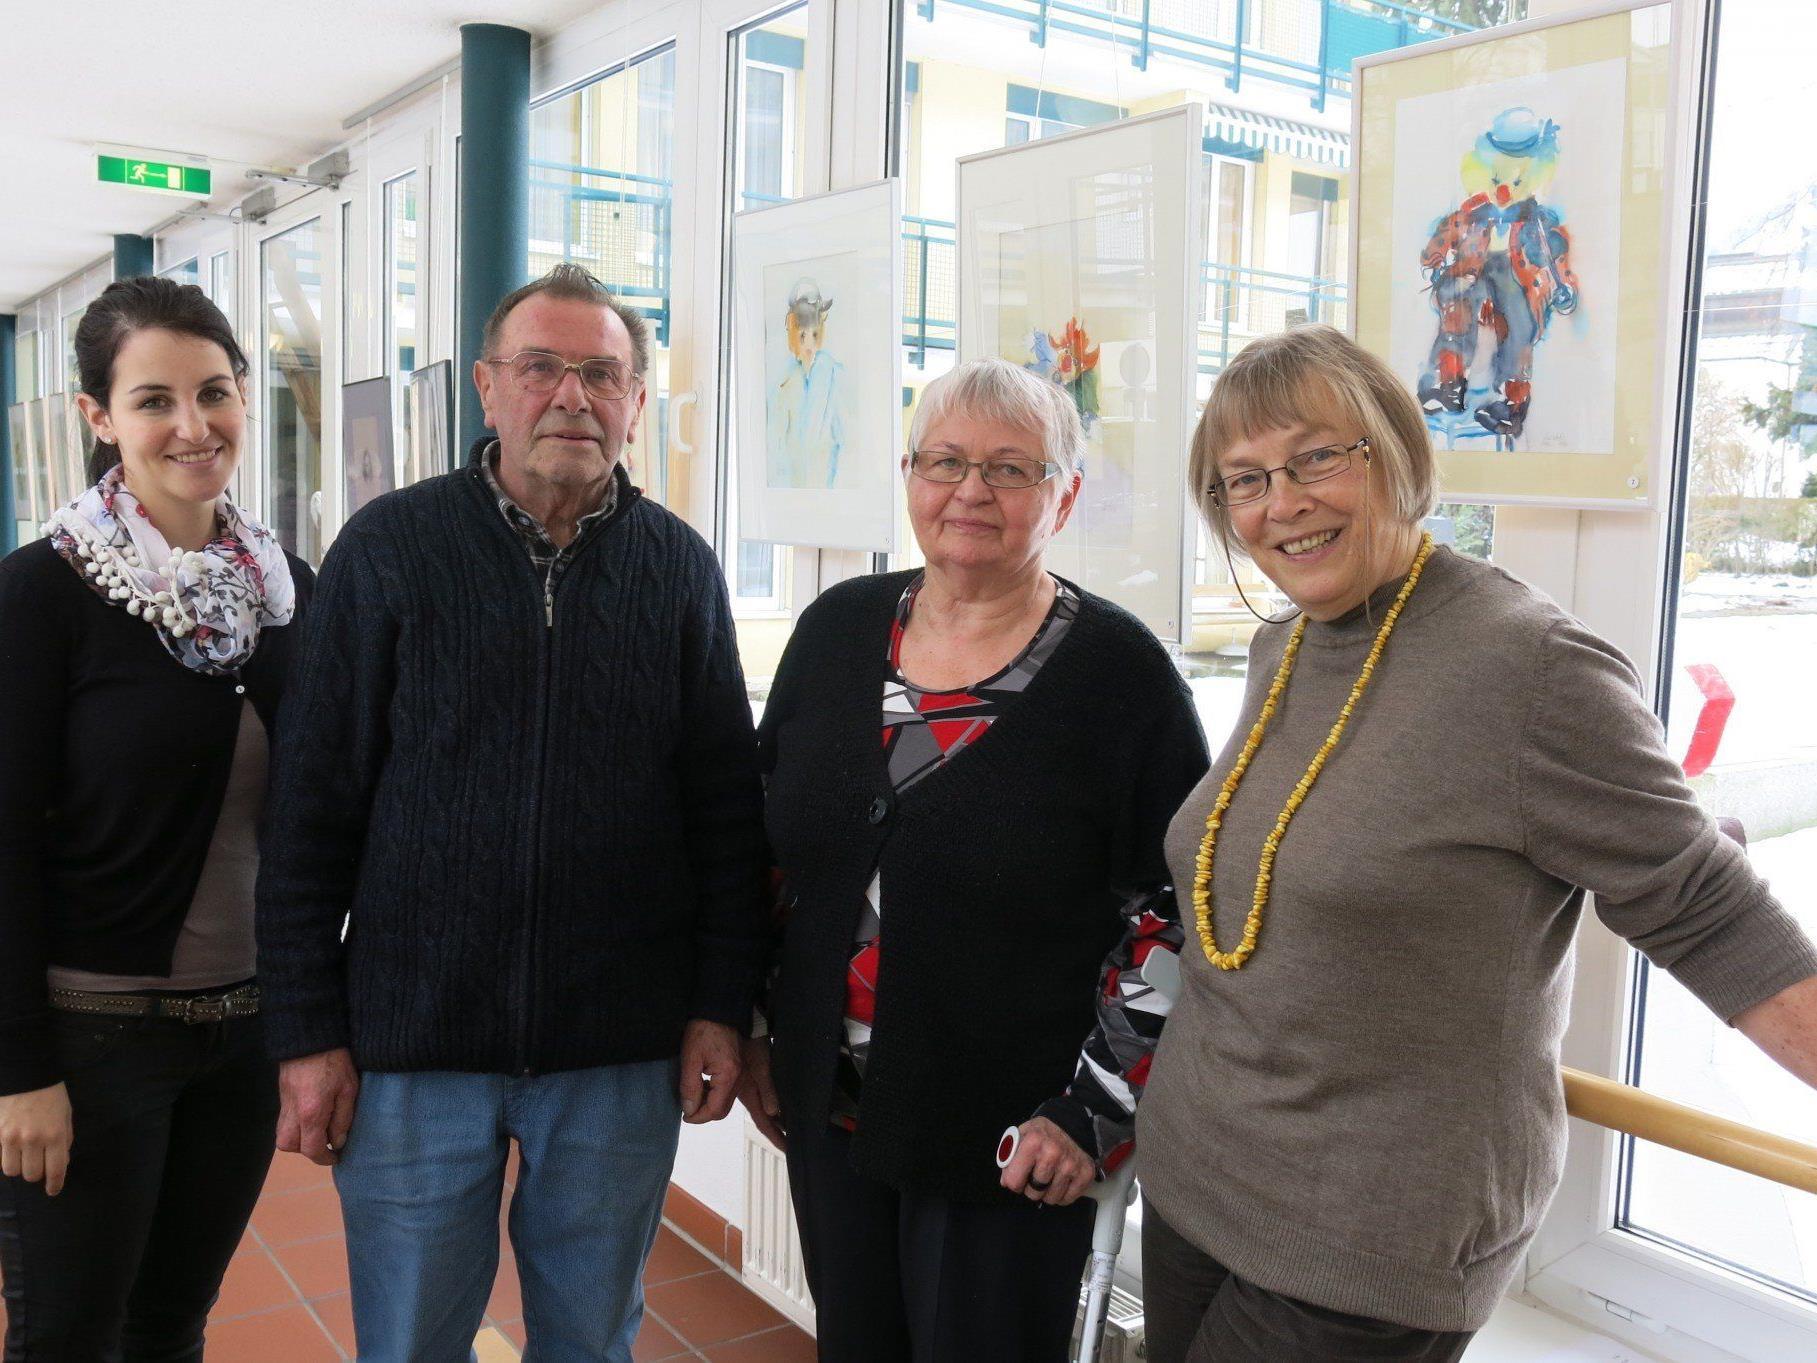 Daniela, Lothar und Charlotte Burtscher sowie Doris Rinke in der Seniorenresidenz Martinsbrunnen